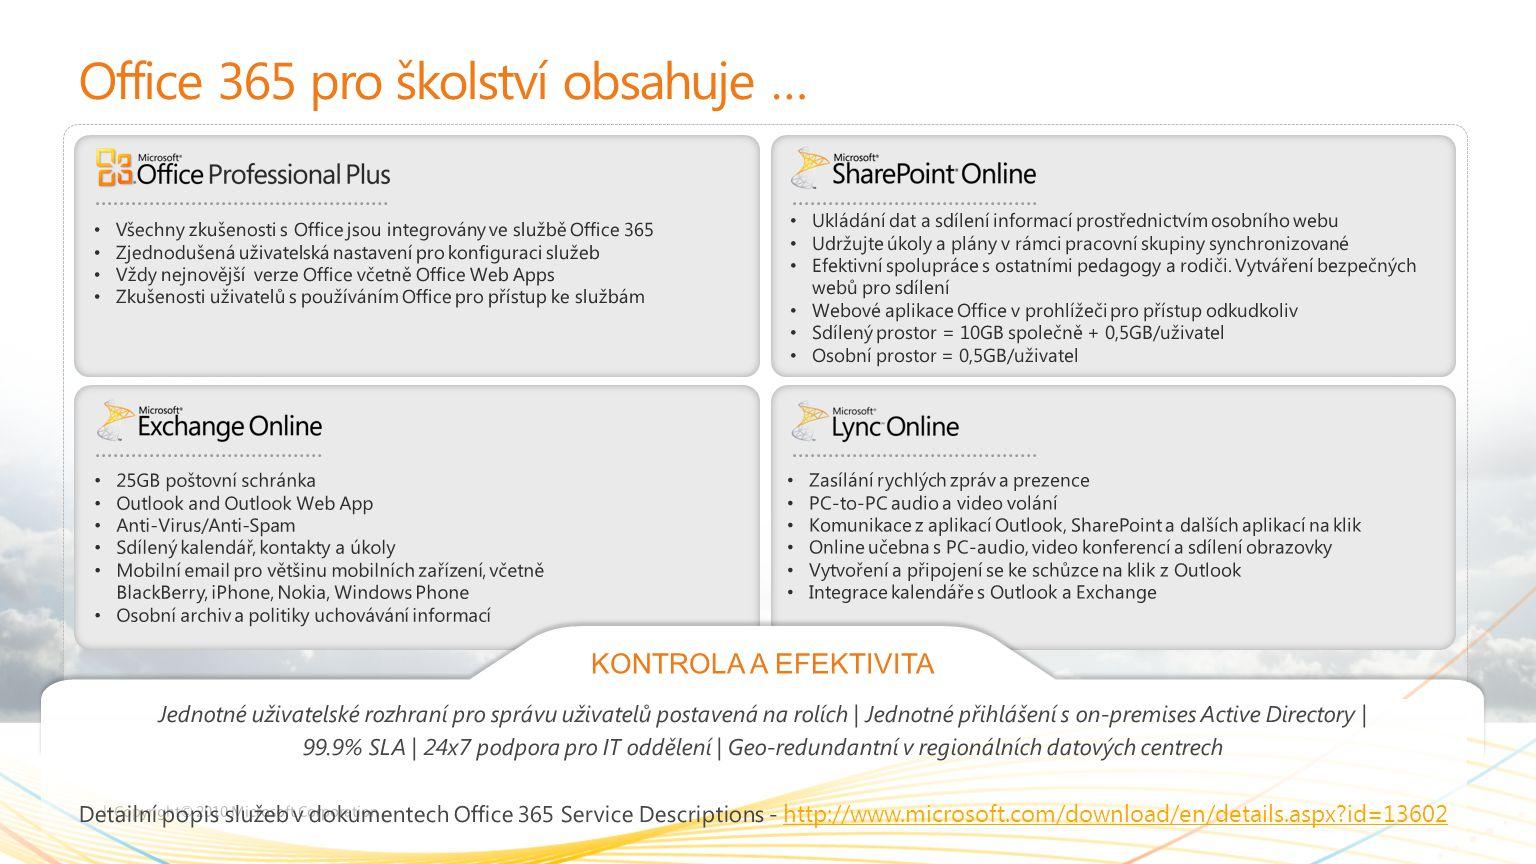 Office 365 pro školství obsahuje …